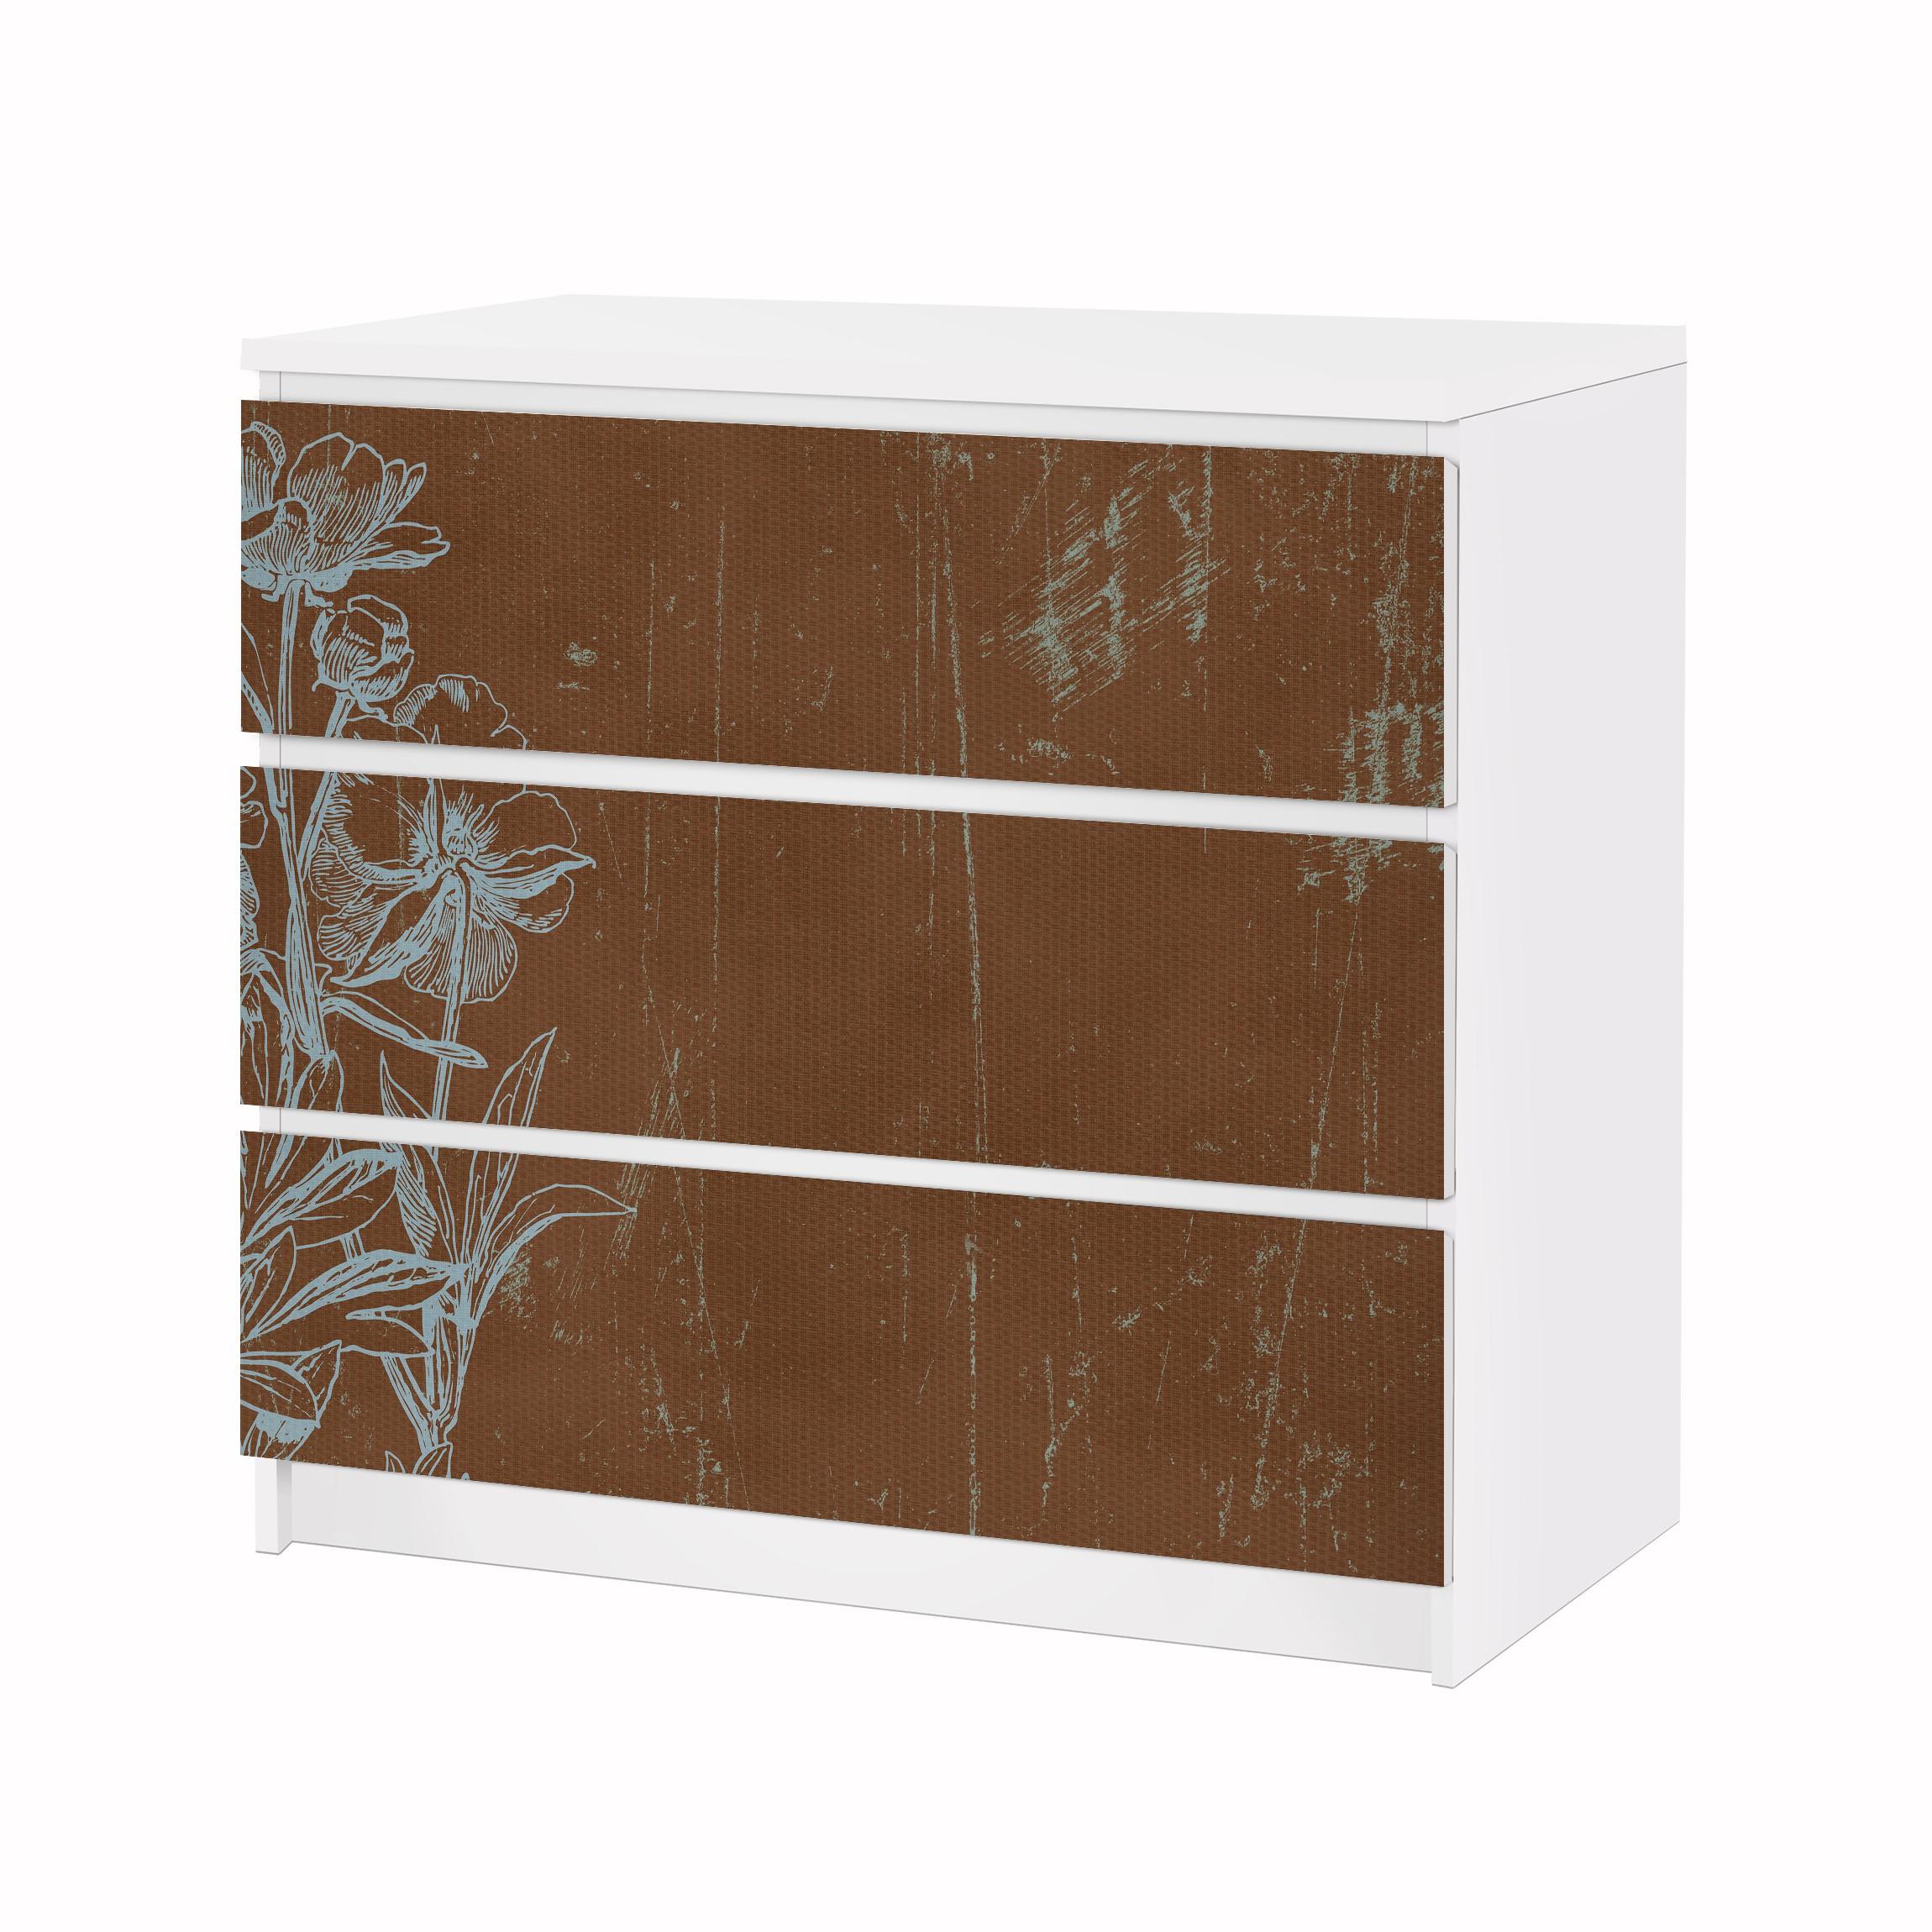 Carta adesiva per mobili ikea malm cassettiera 3xcassetti blue flowers sketch - Carta per coprire mobili ...